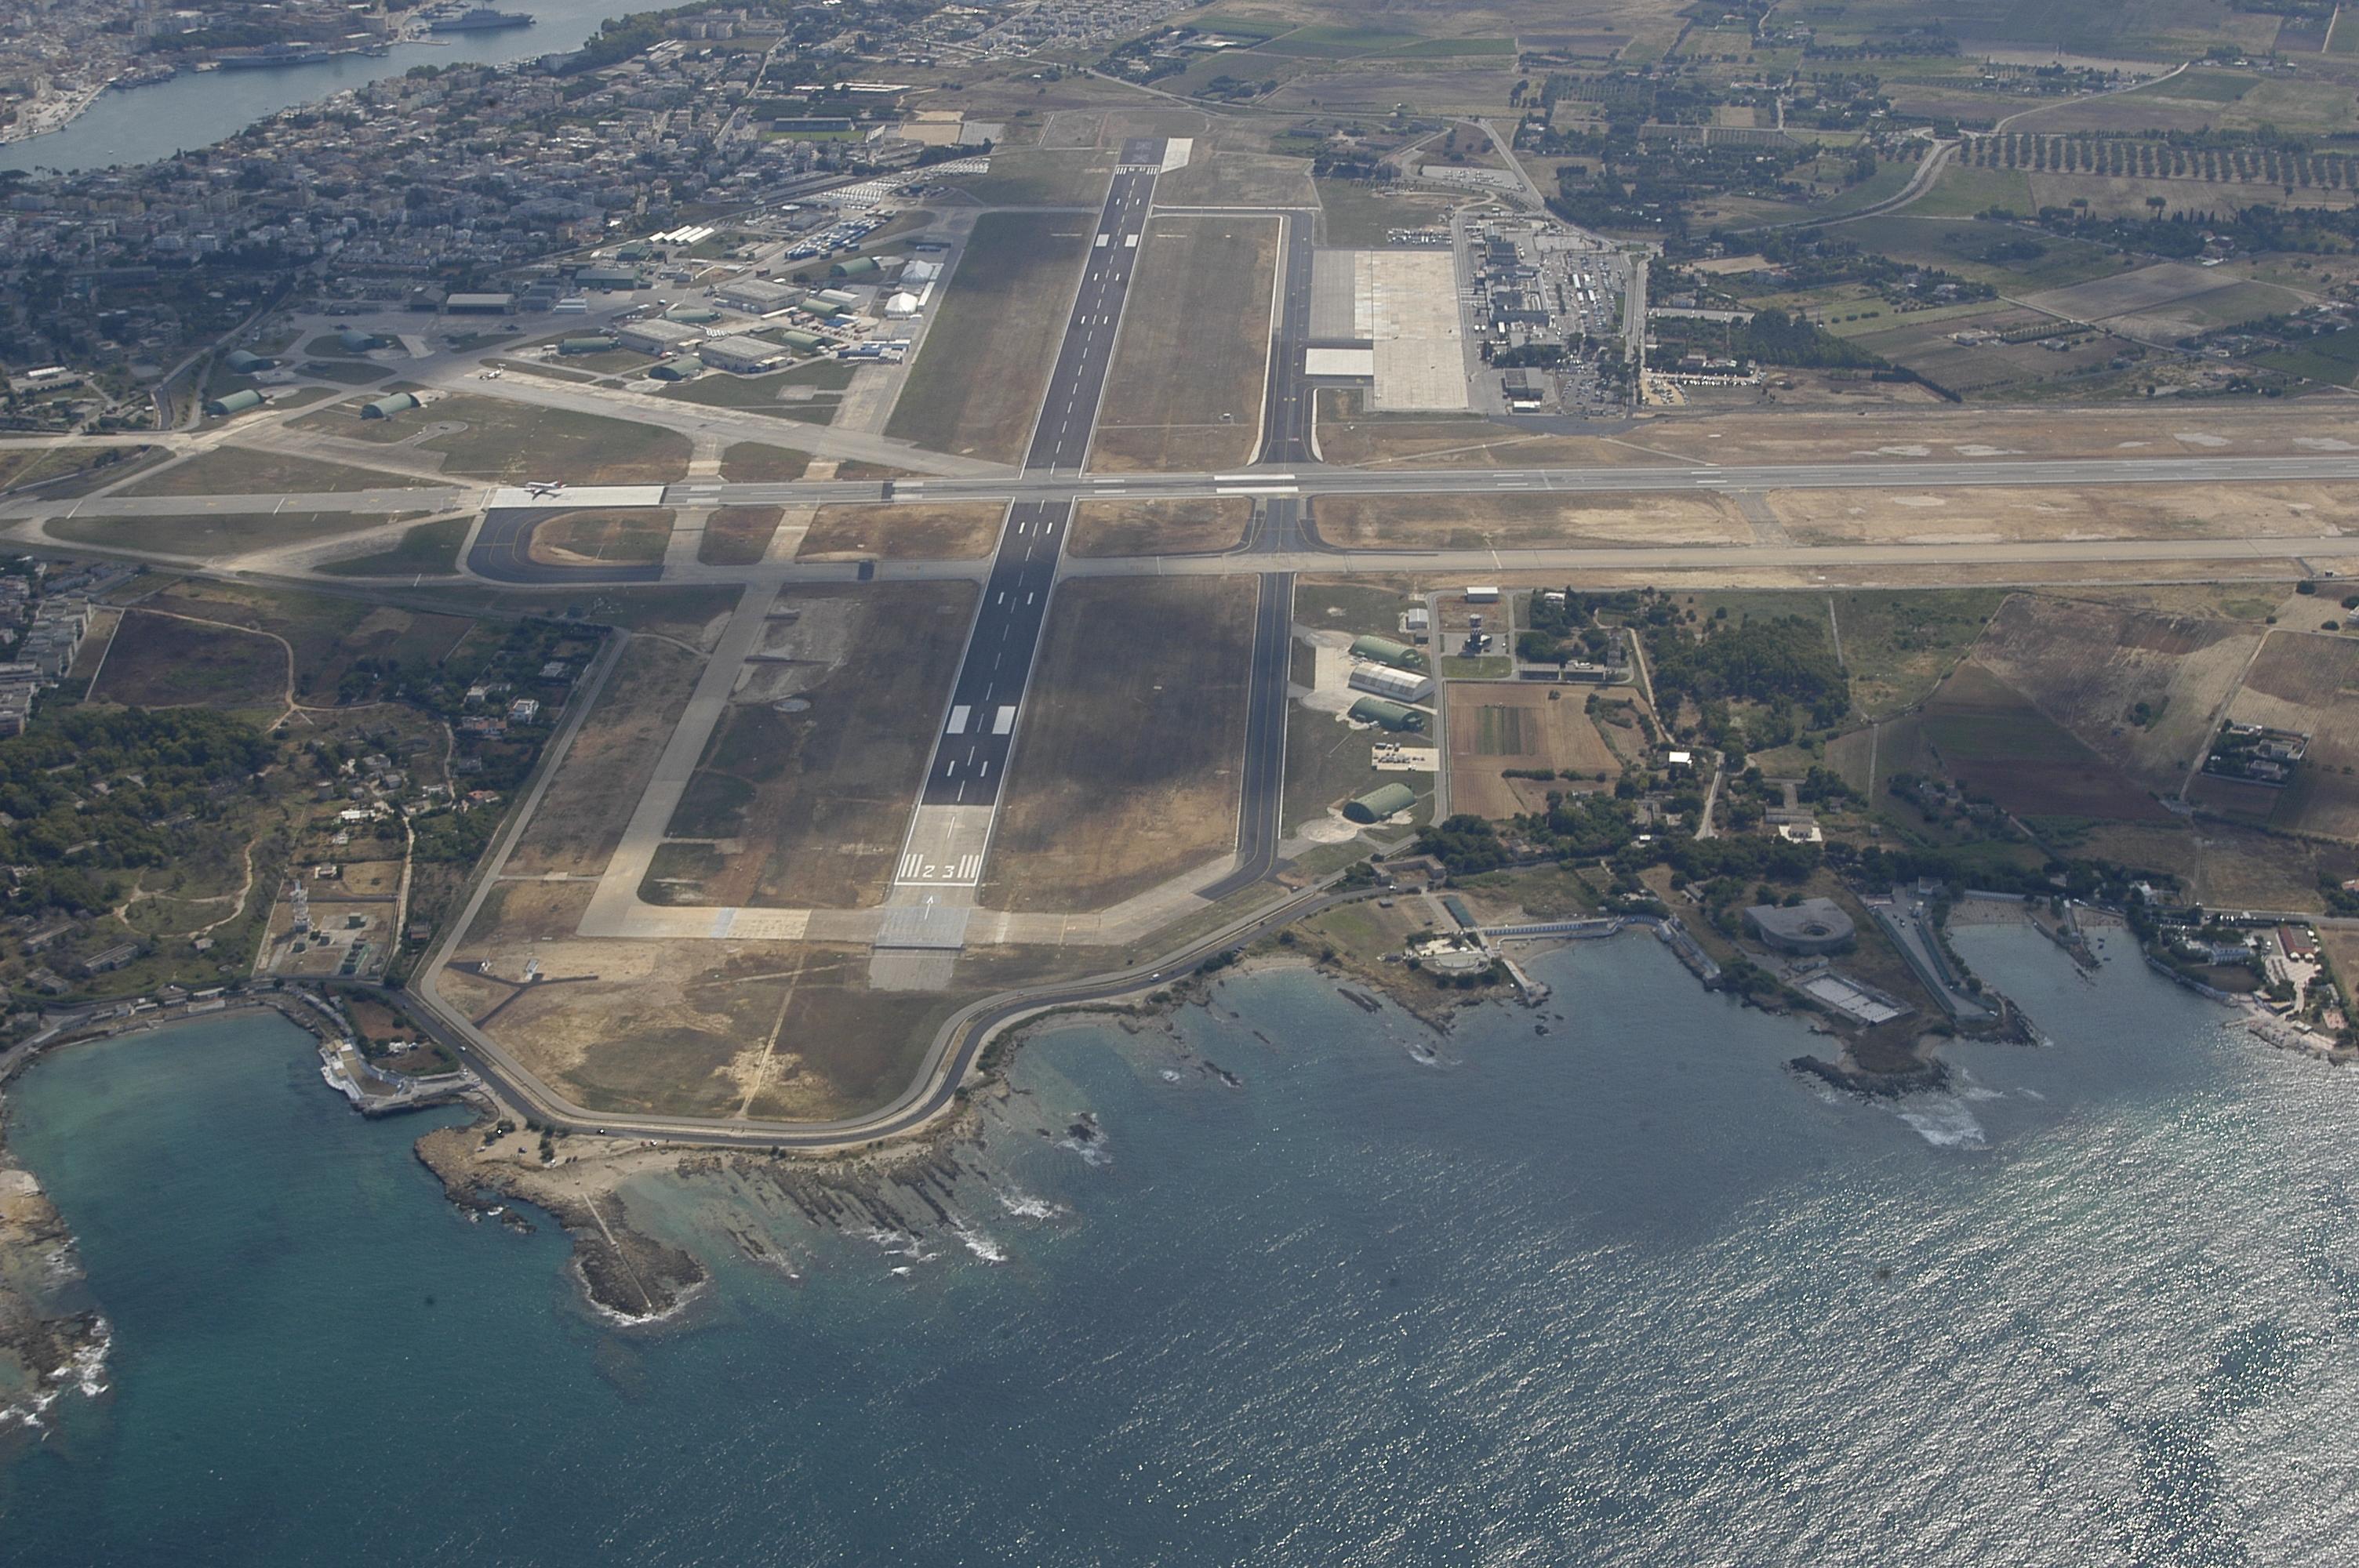 Aeroporto Brindisi : Aeroporto di brindisi aleandri